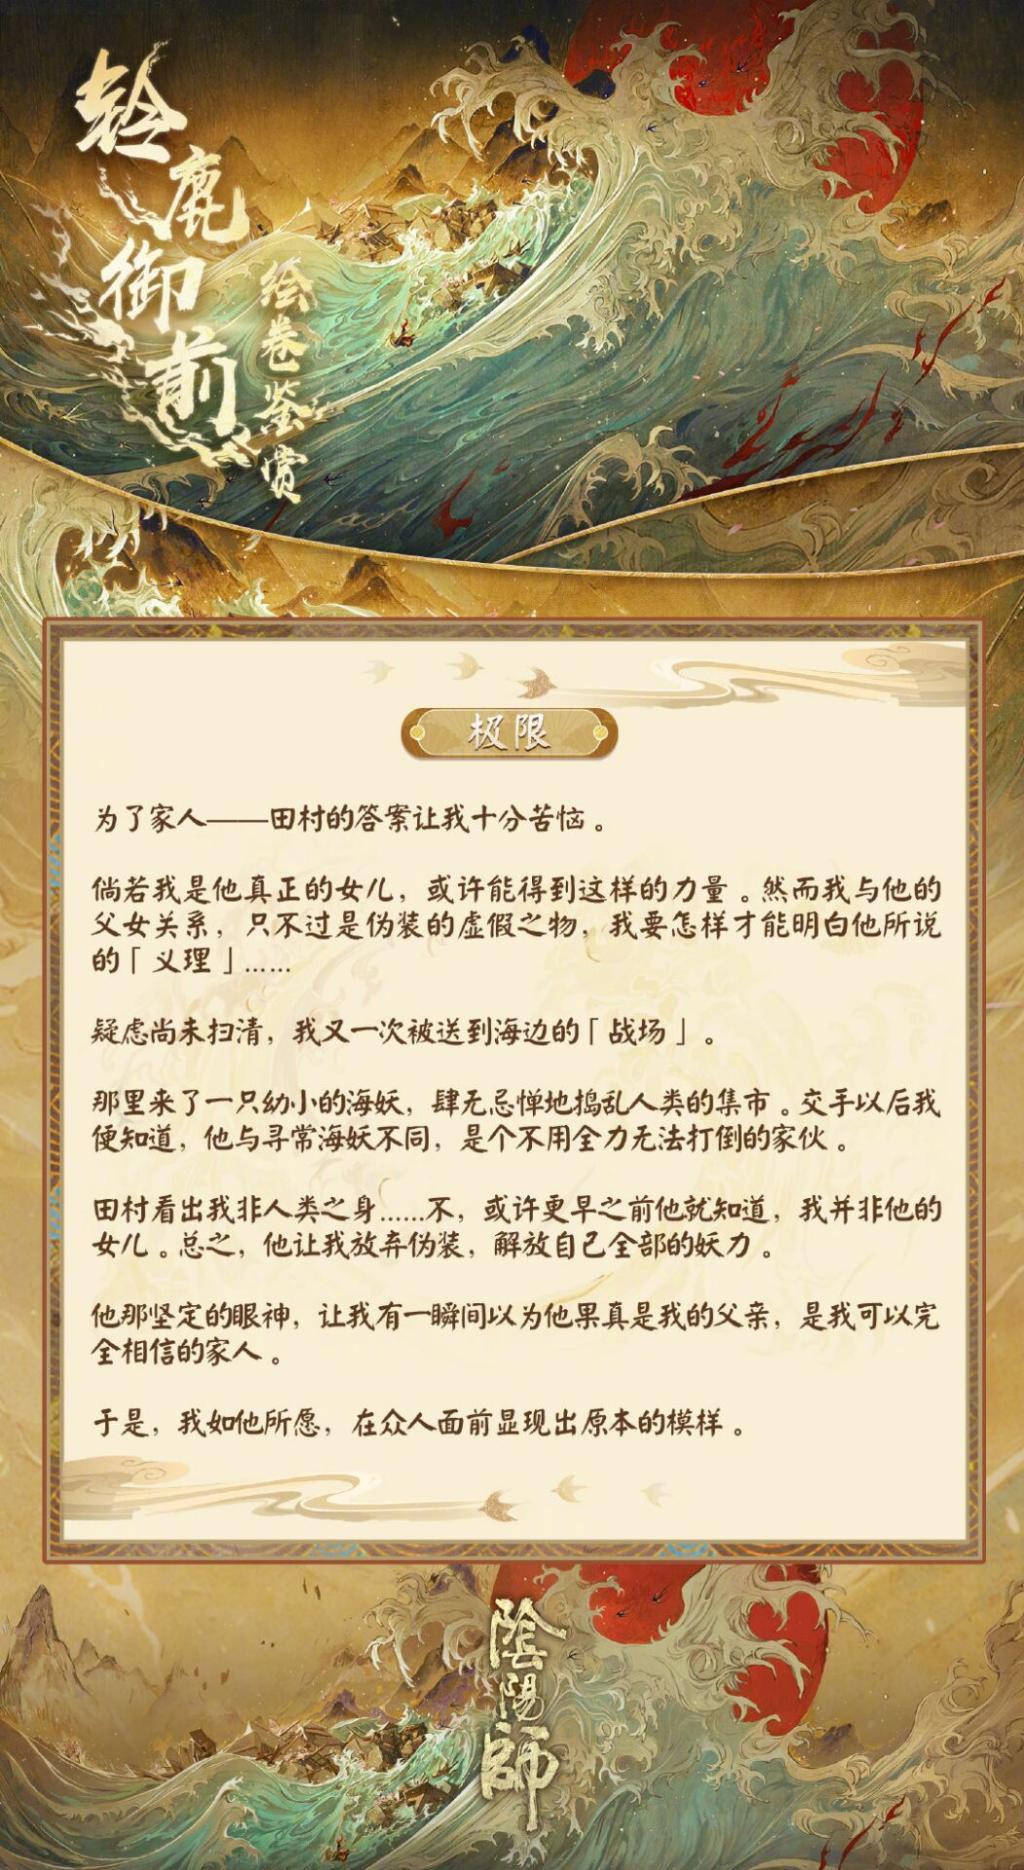 【超话】鬼王之宴绘卷鉴赏